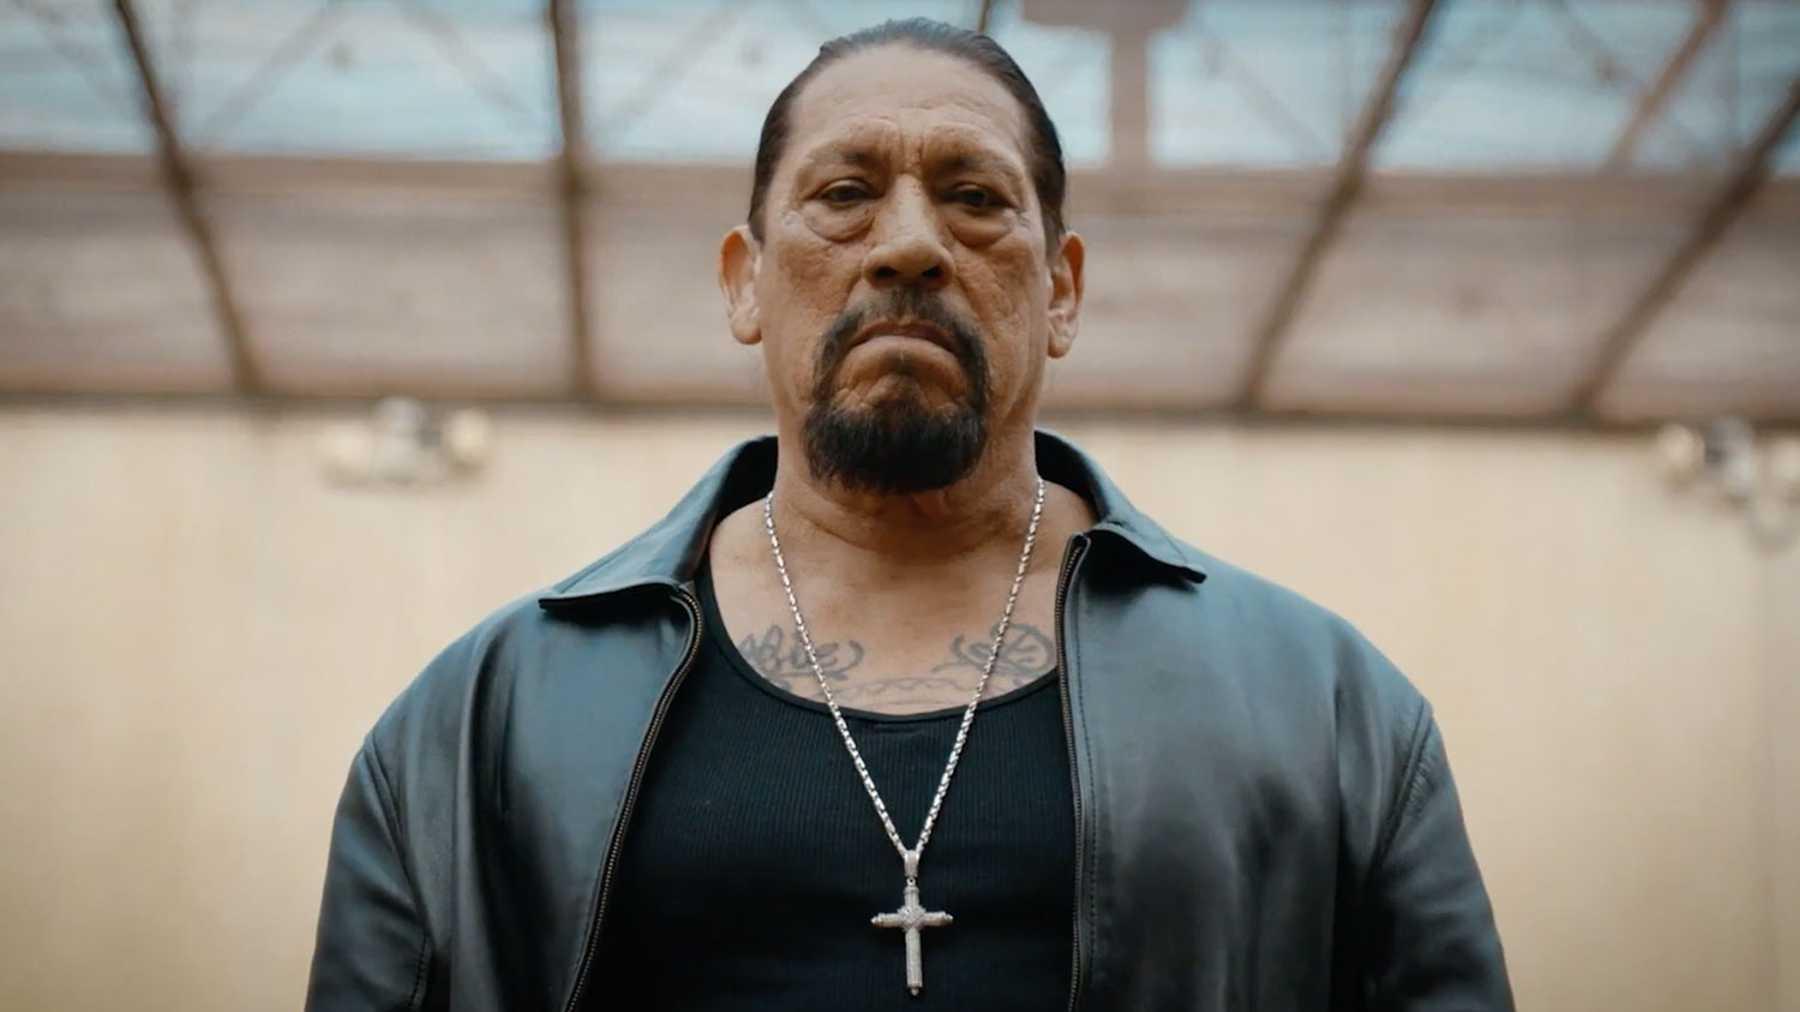 Рецензия нафильм «Заключенный №1: Восхождение Дэнни Трехо». Злой мексиканец с мачете в руках